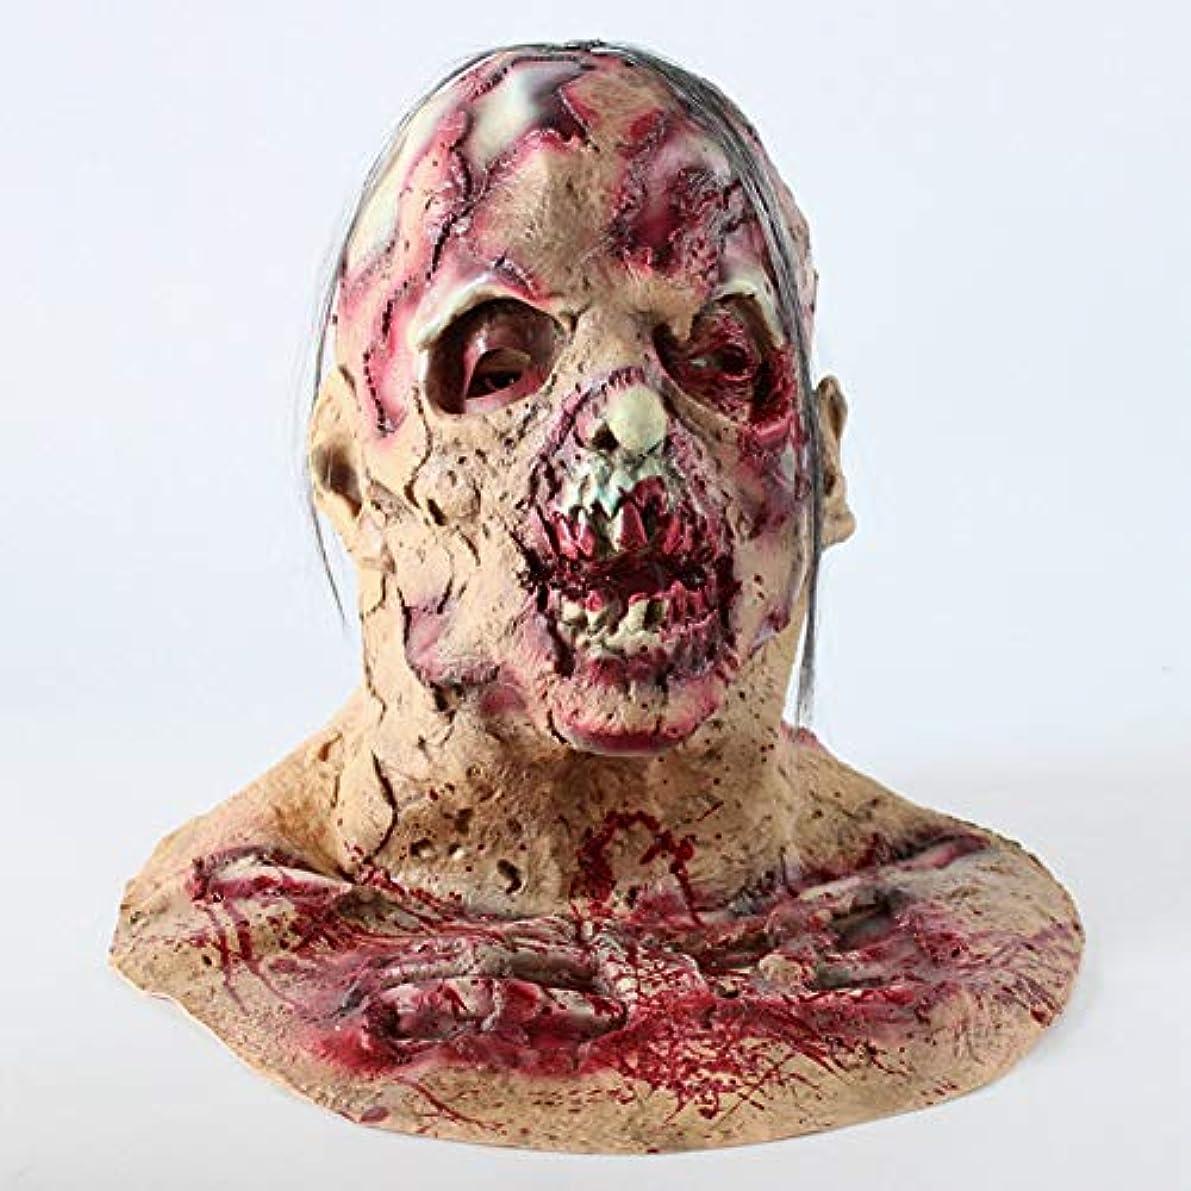 哀れなユニークな酸化物ハロウィーンホラーマスク、嫌なゾンビマスク、バイオハザードヘッドマスク、パーティー仮装ラテックスマスク